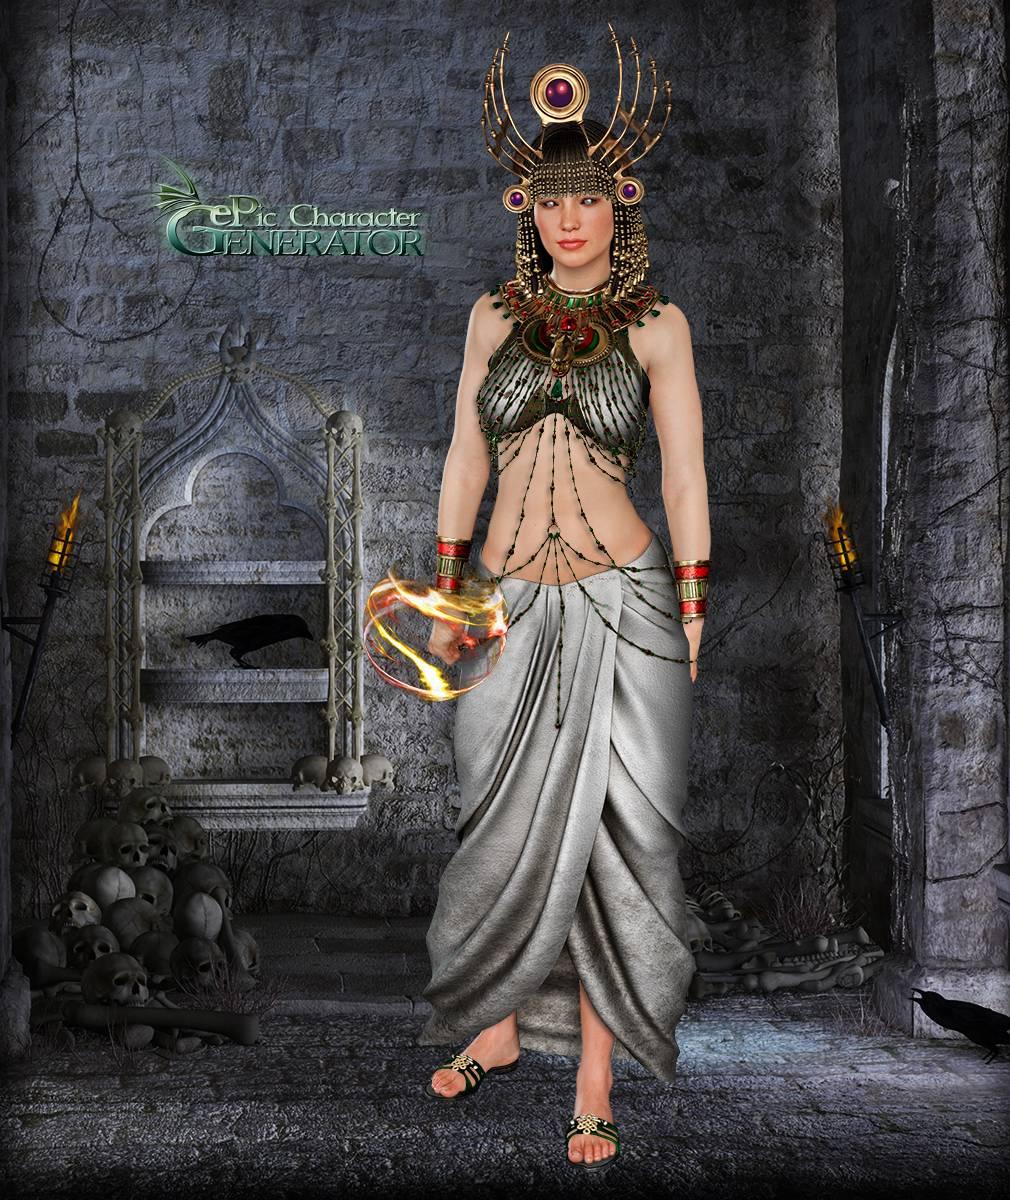 ePic Character Generator Season 2 Female Supernatural Screenshot 09